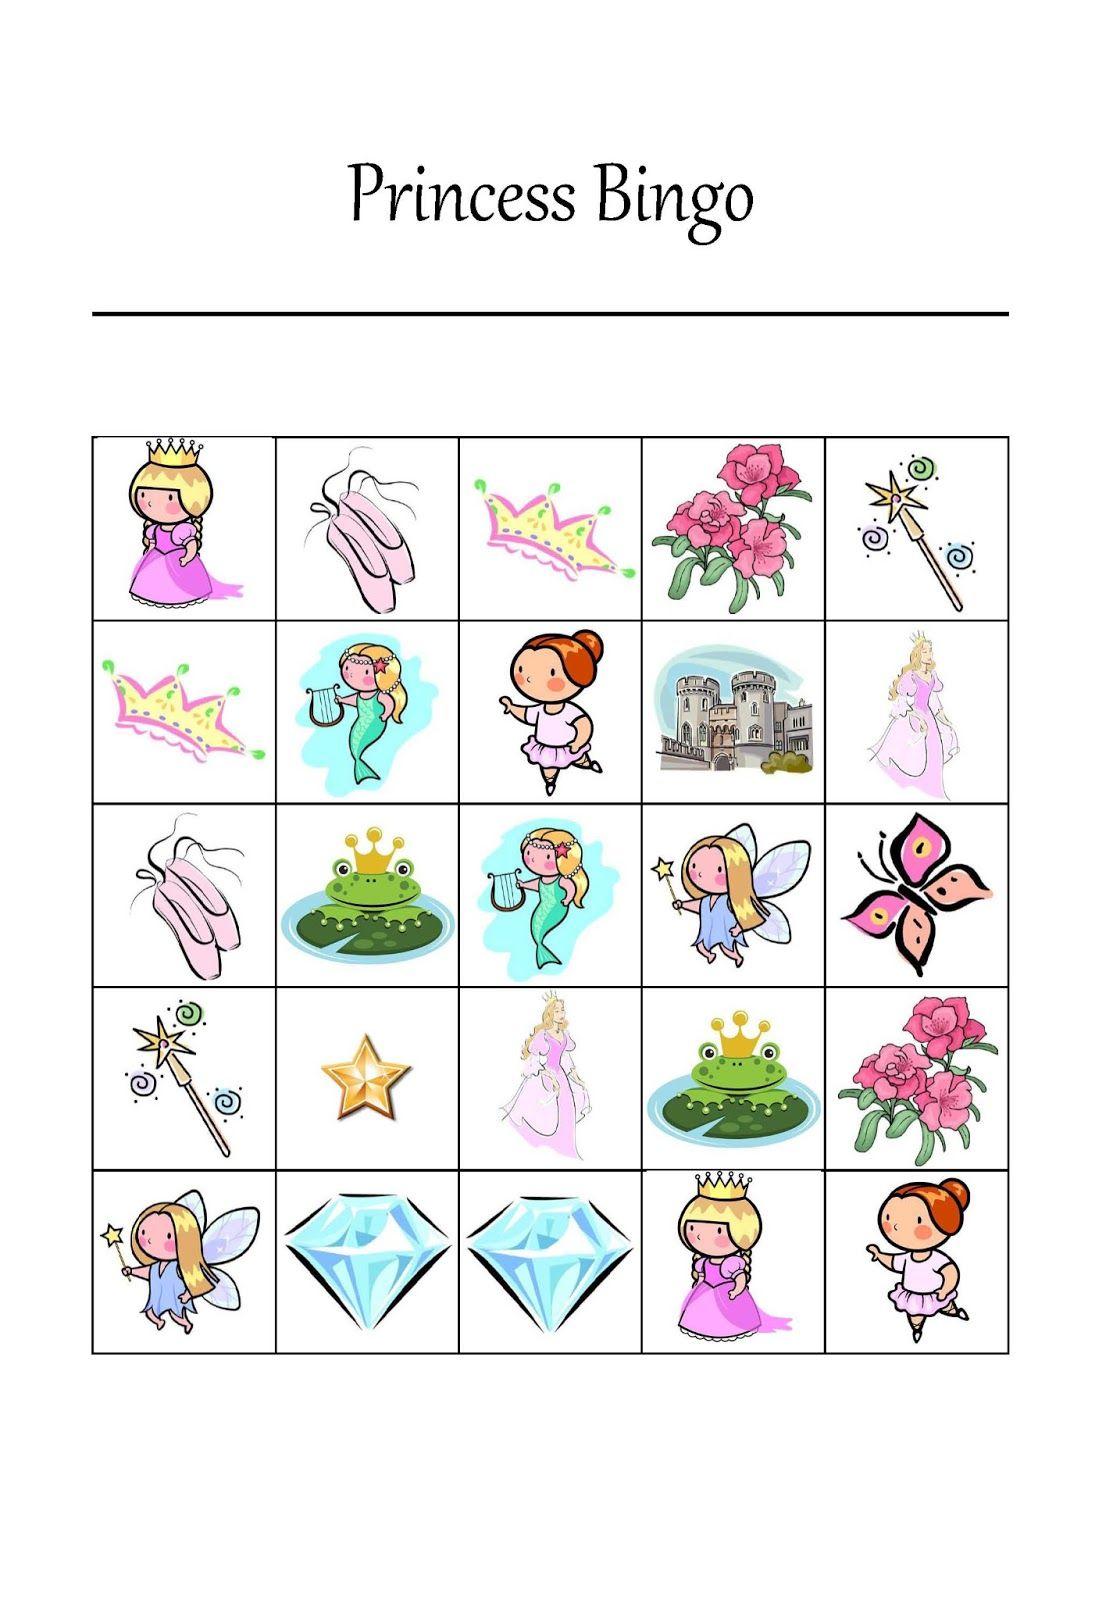 Free Printable Princess Bingo Game For 12 Players